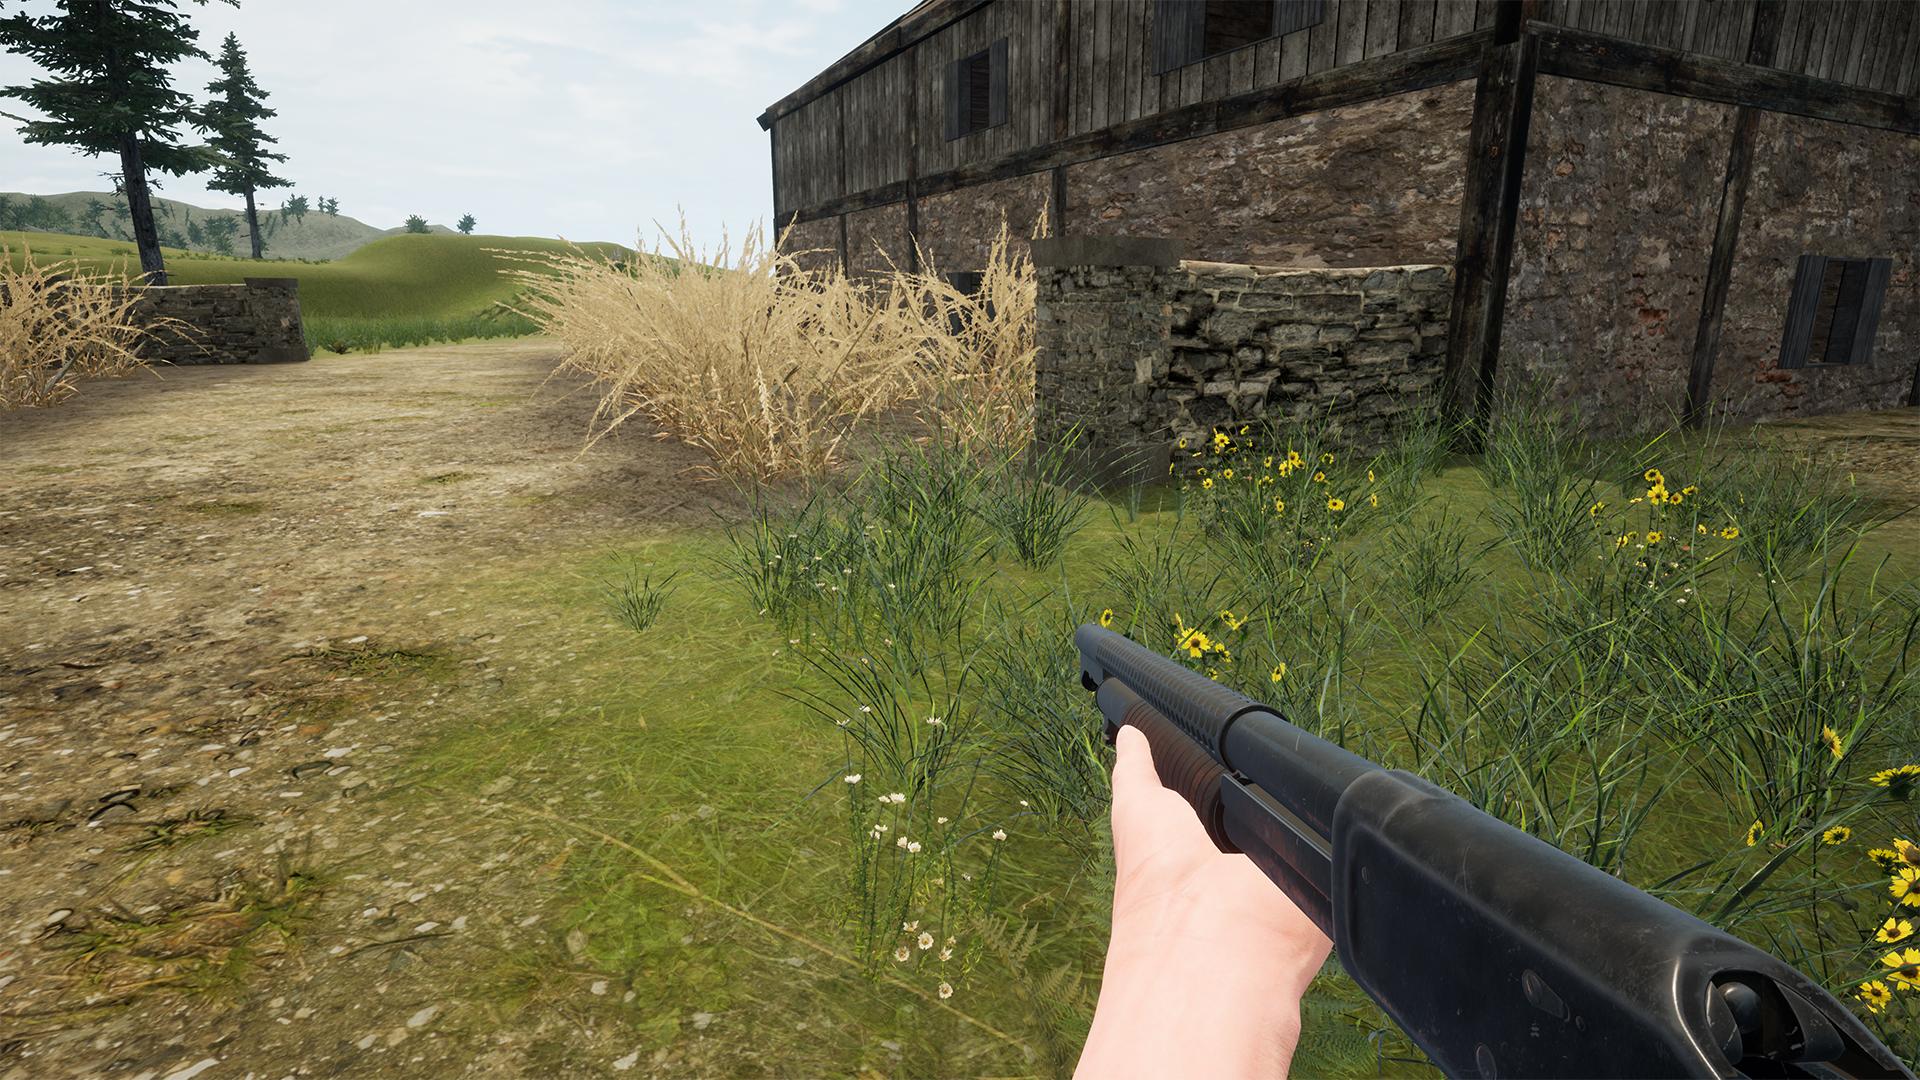 poljana screenshots 6